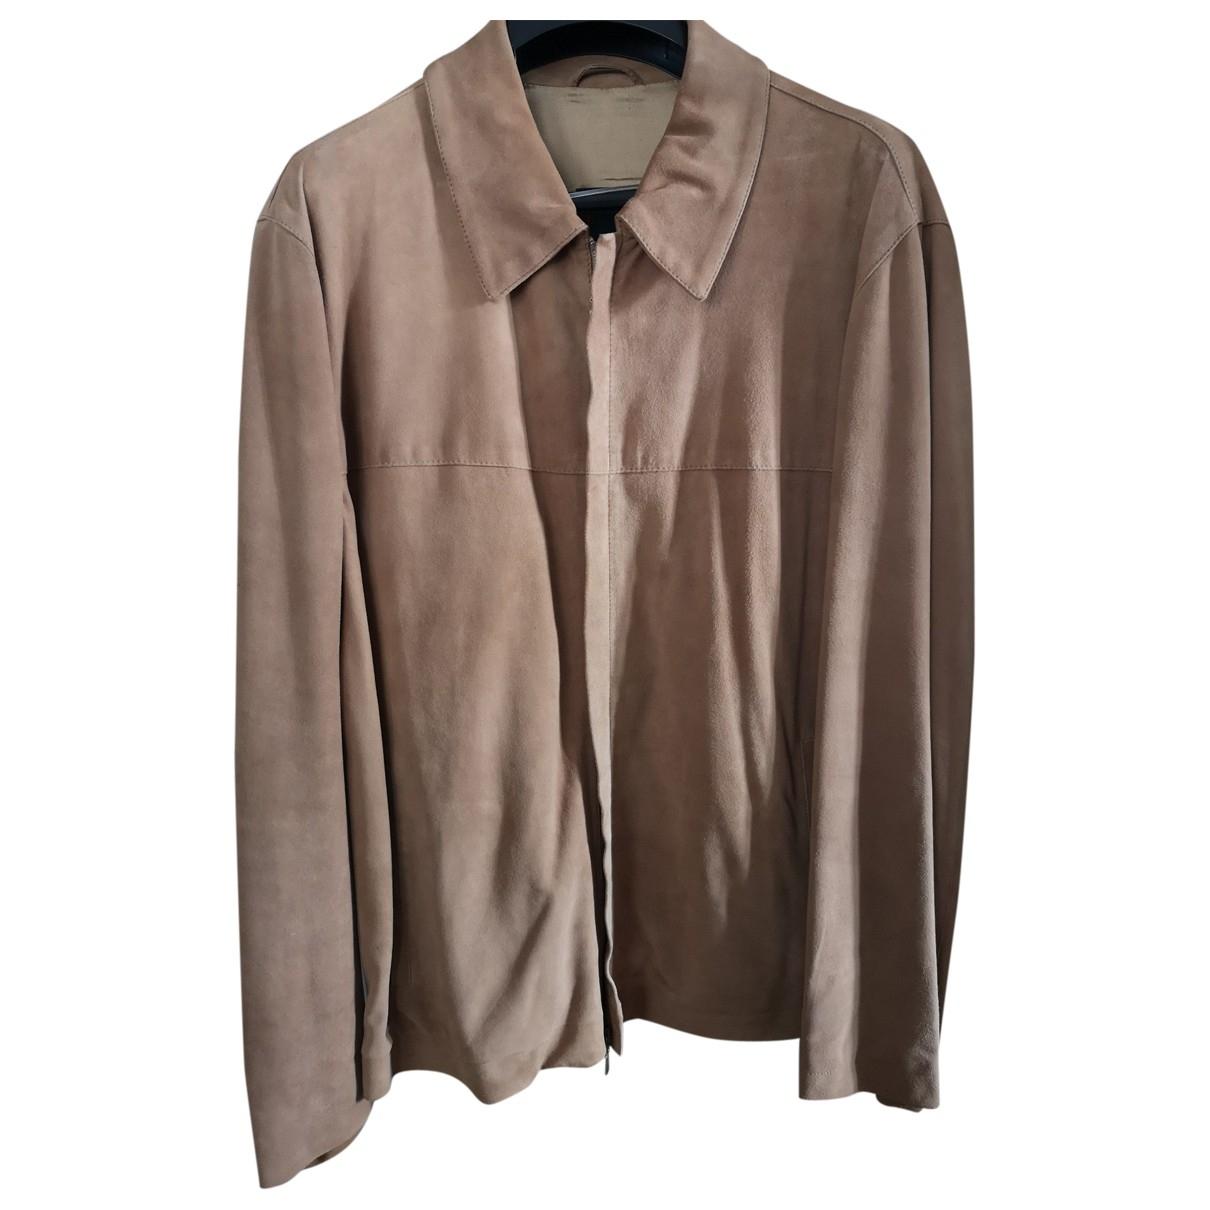 Canali \N Beige Suede jacket  for Men 48 IT